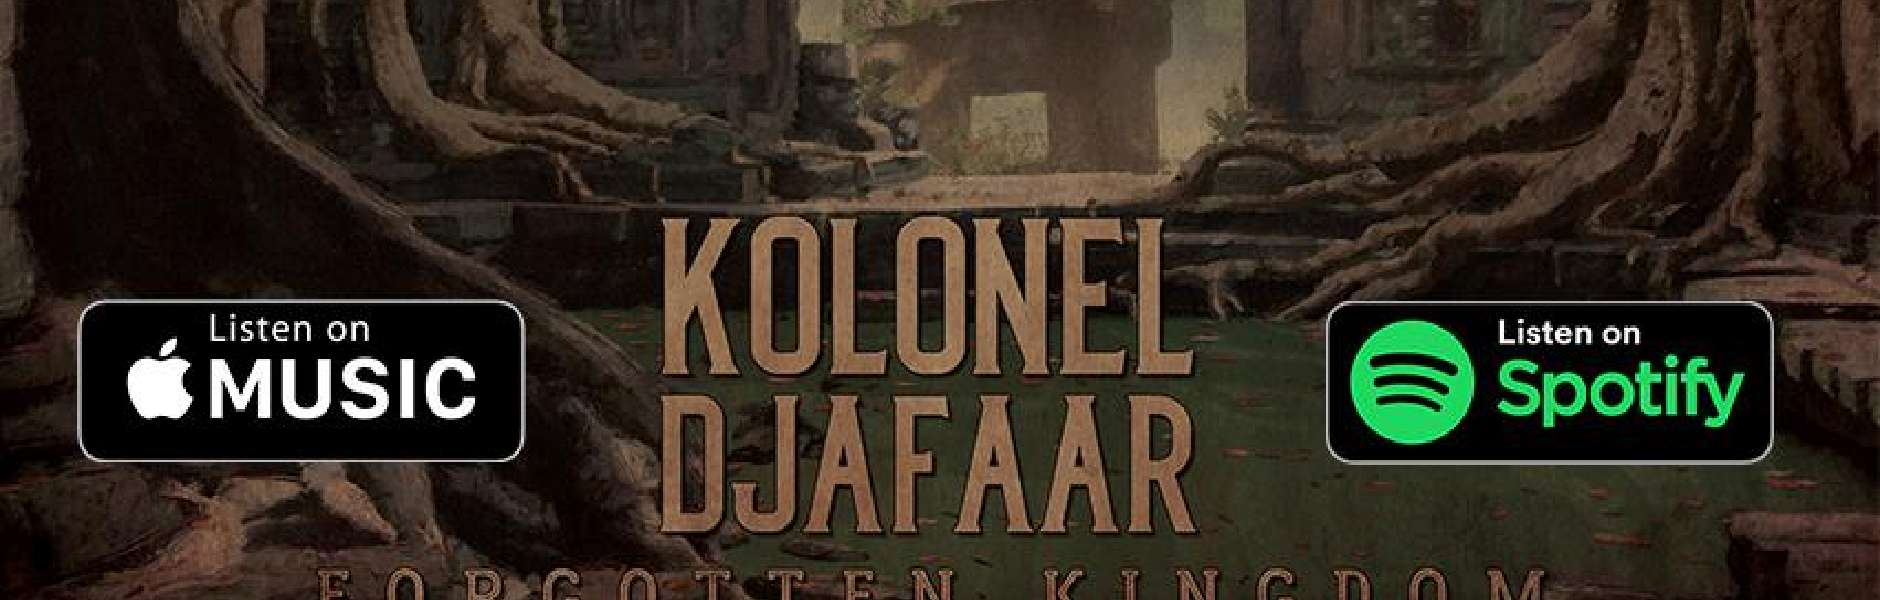 Kolonel Djafaar